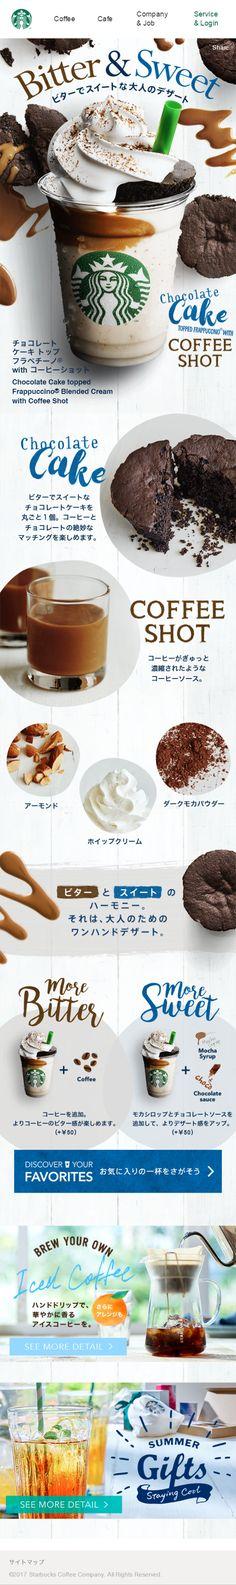 チョコレート ケーキ トップ フラペチーノ with コーヒーショット|WEBデザイナーさん必見!スマホランディングページのデザイン参考に(かっこいい系)